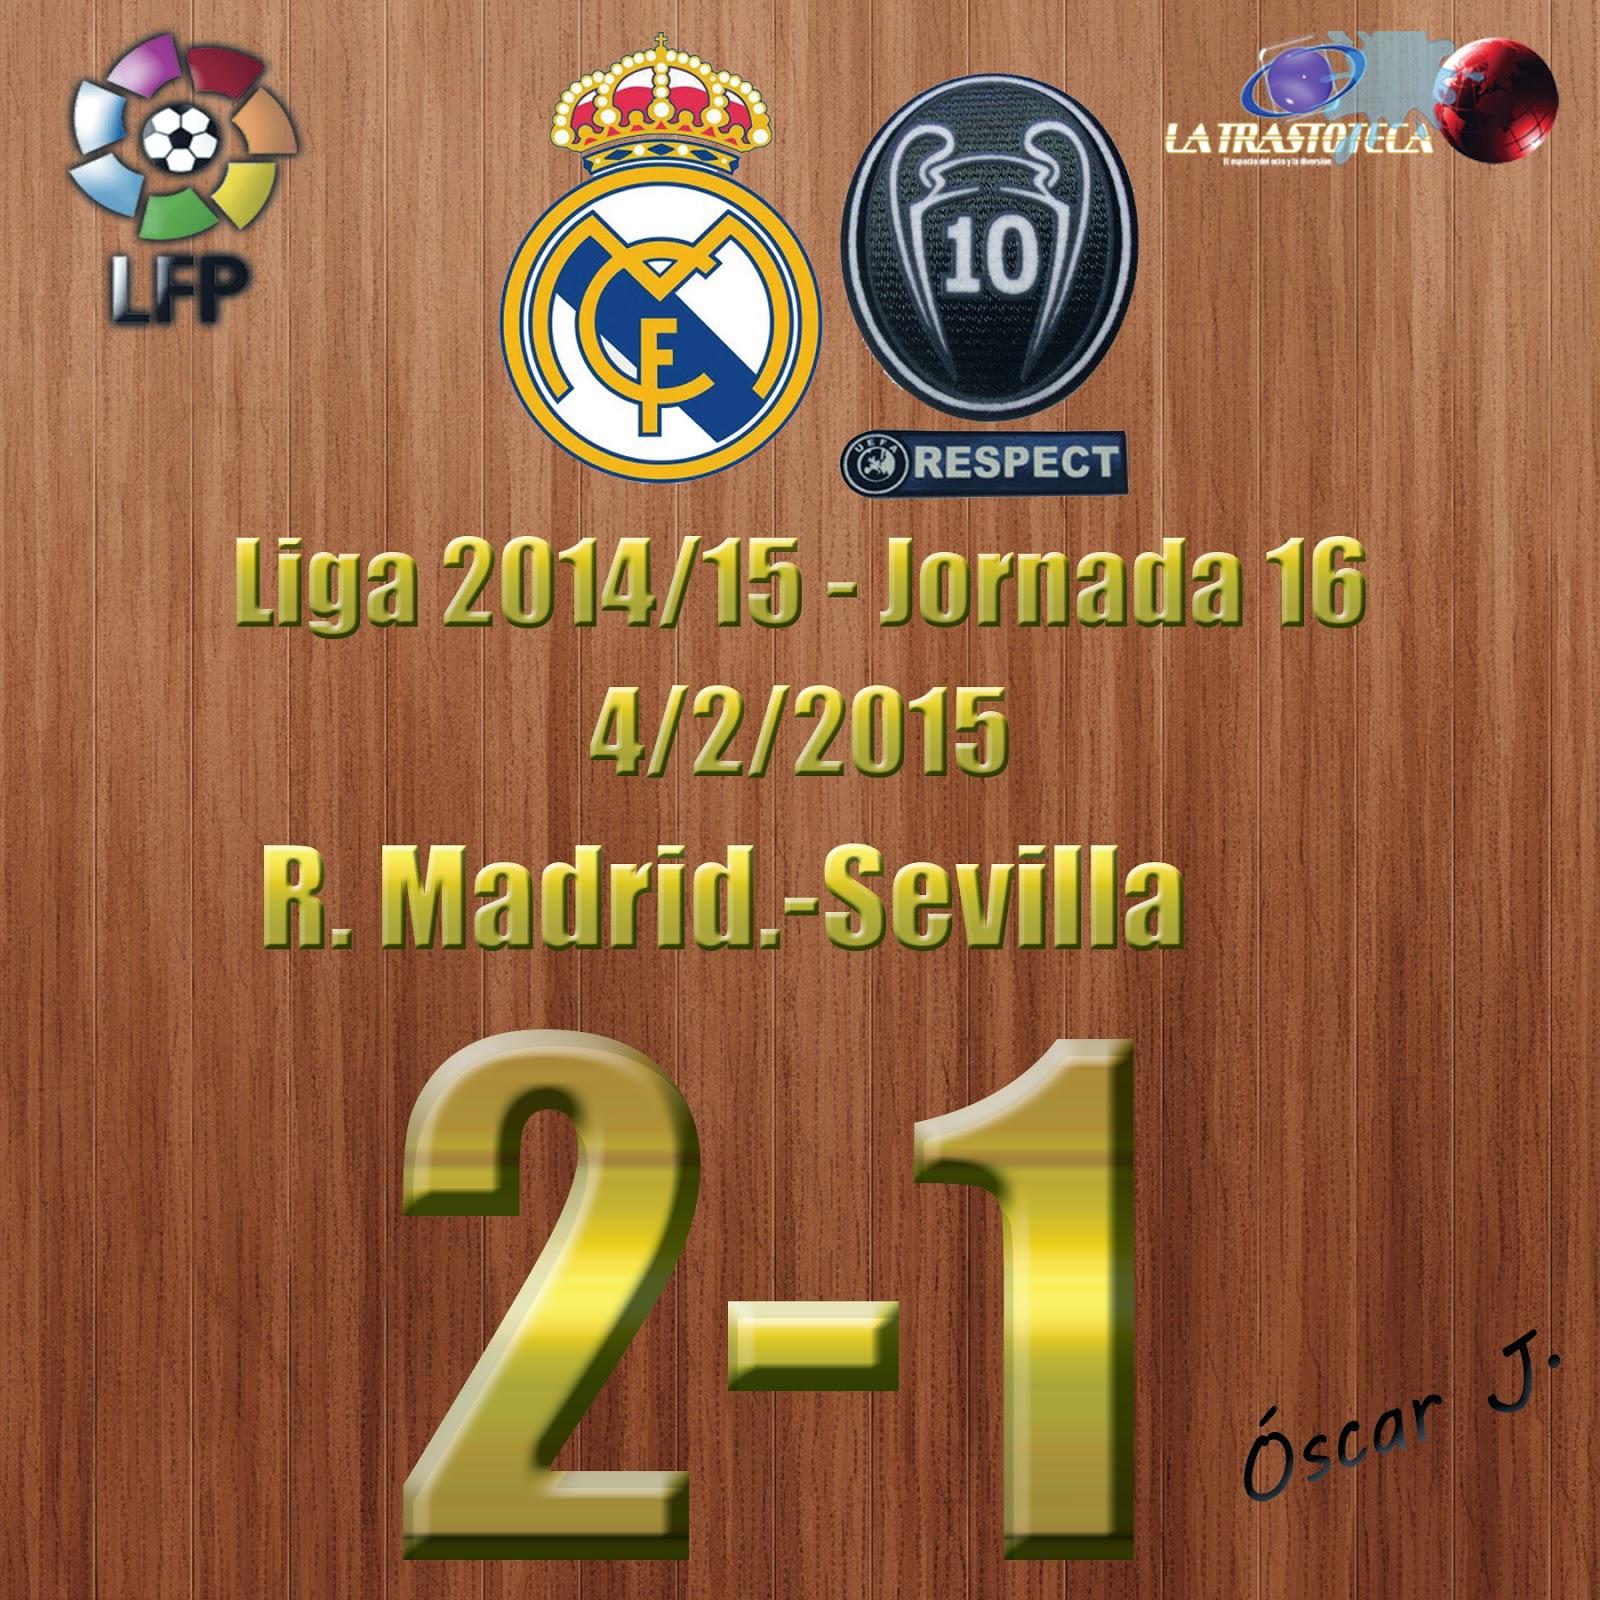 Real Madrid 2-1 Sevilla - Liga 2014/15 - Jornada 16 - (4/2/2015)